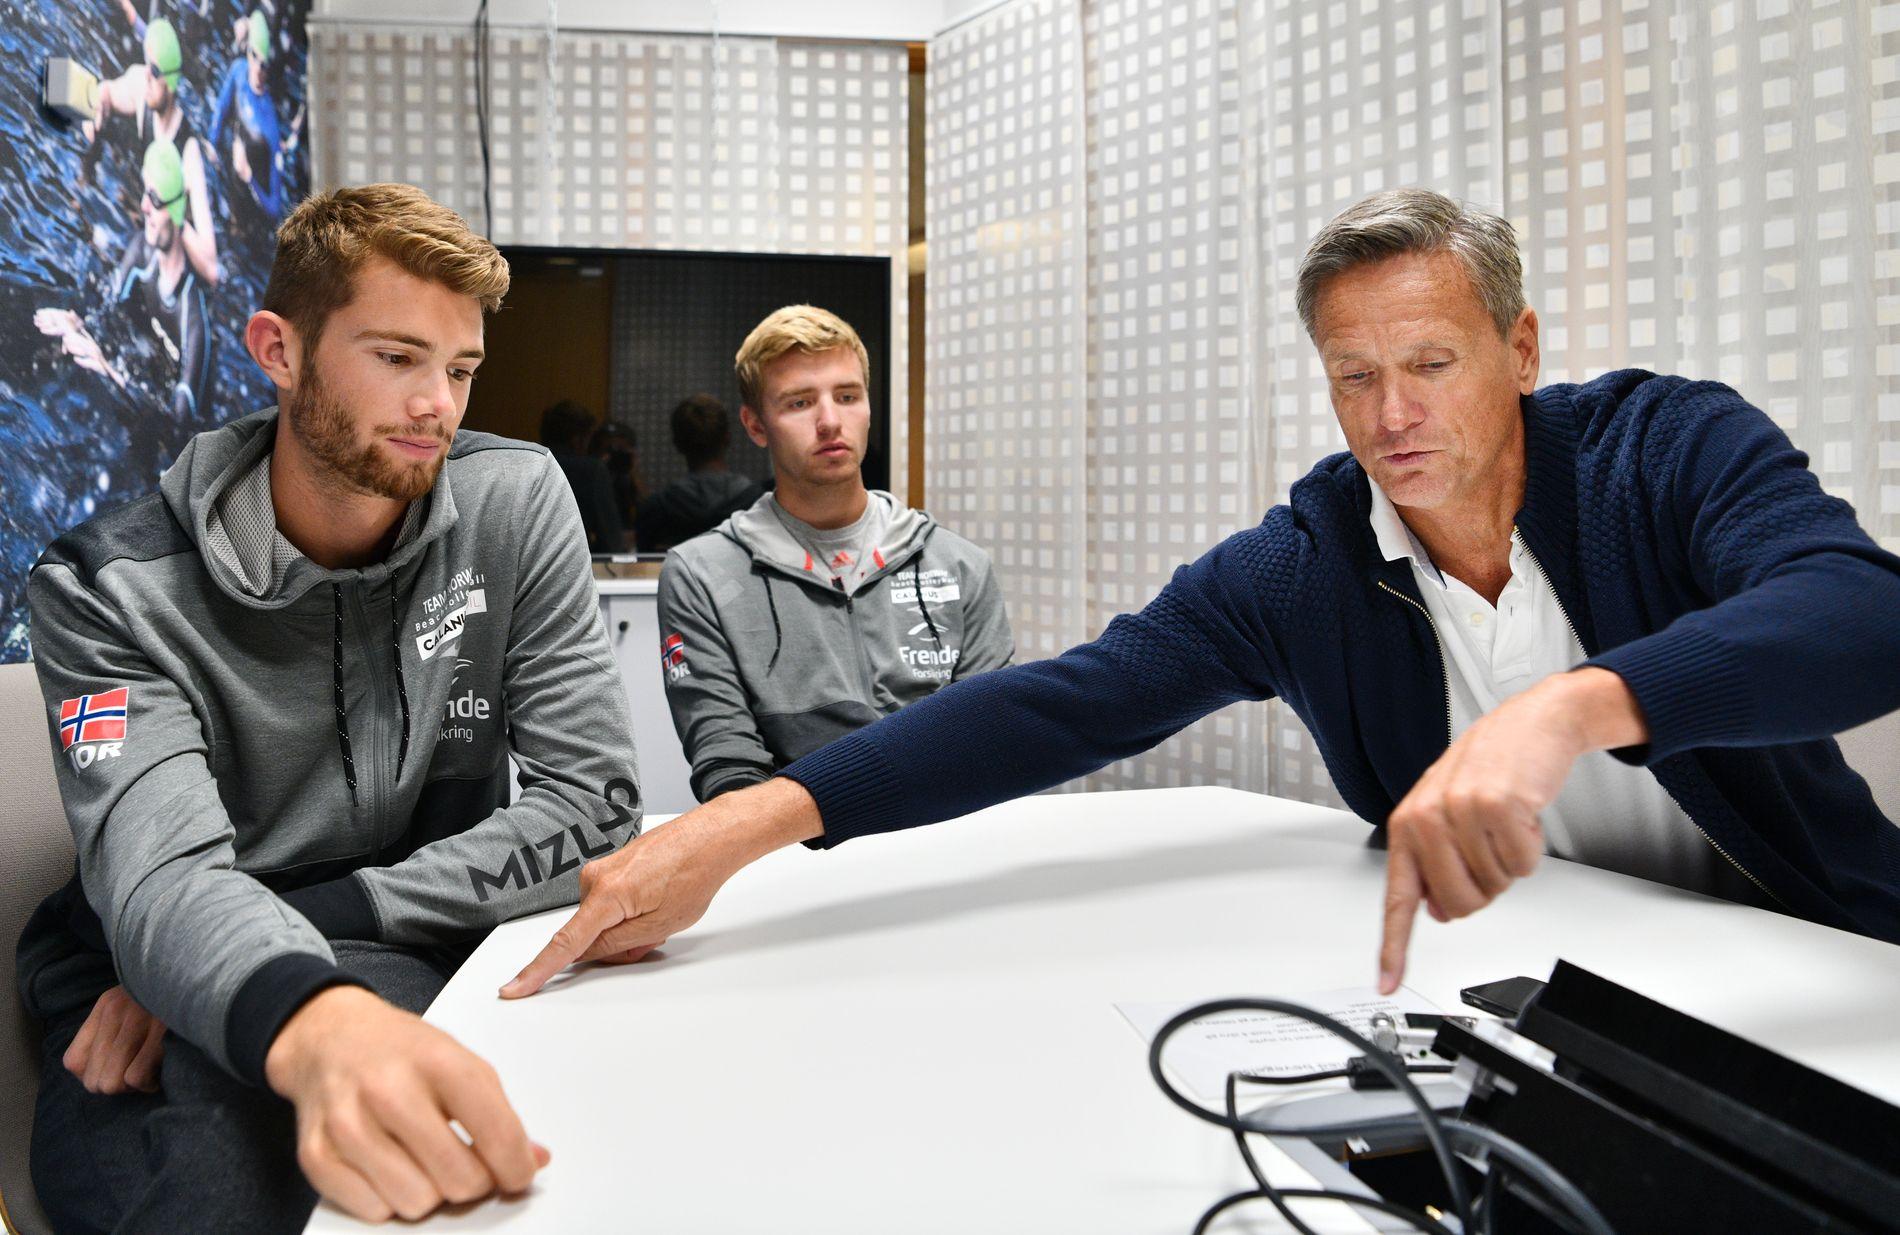 MØTEFORKLARING: Anders Mol (t.v.), og Christian Sørum følger med når Jan Kvalheim forklarer om kampbilder fra sandvolleyballbanen. Her sitter de sammen i et møtelokale i Norges idrettsforbund på Ullevaal stadion.